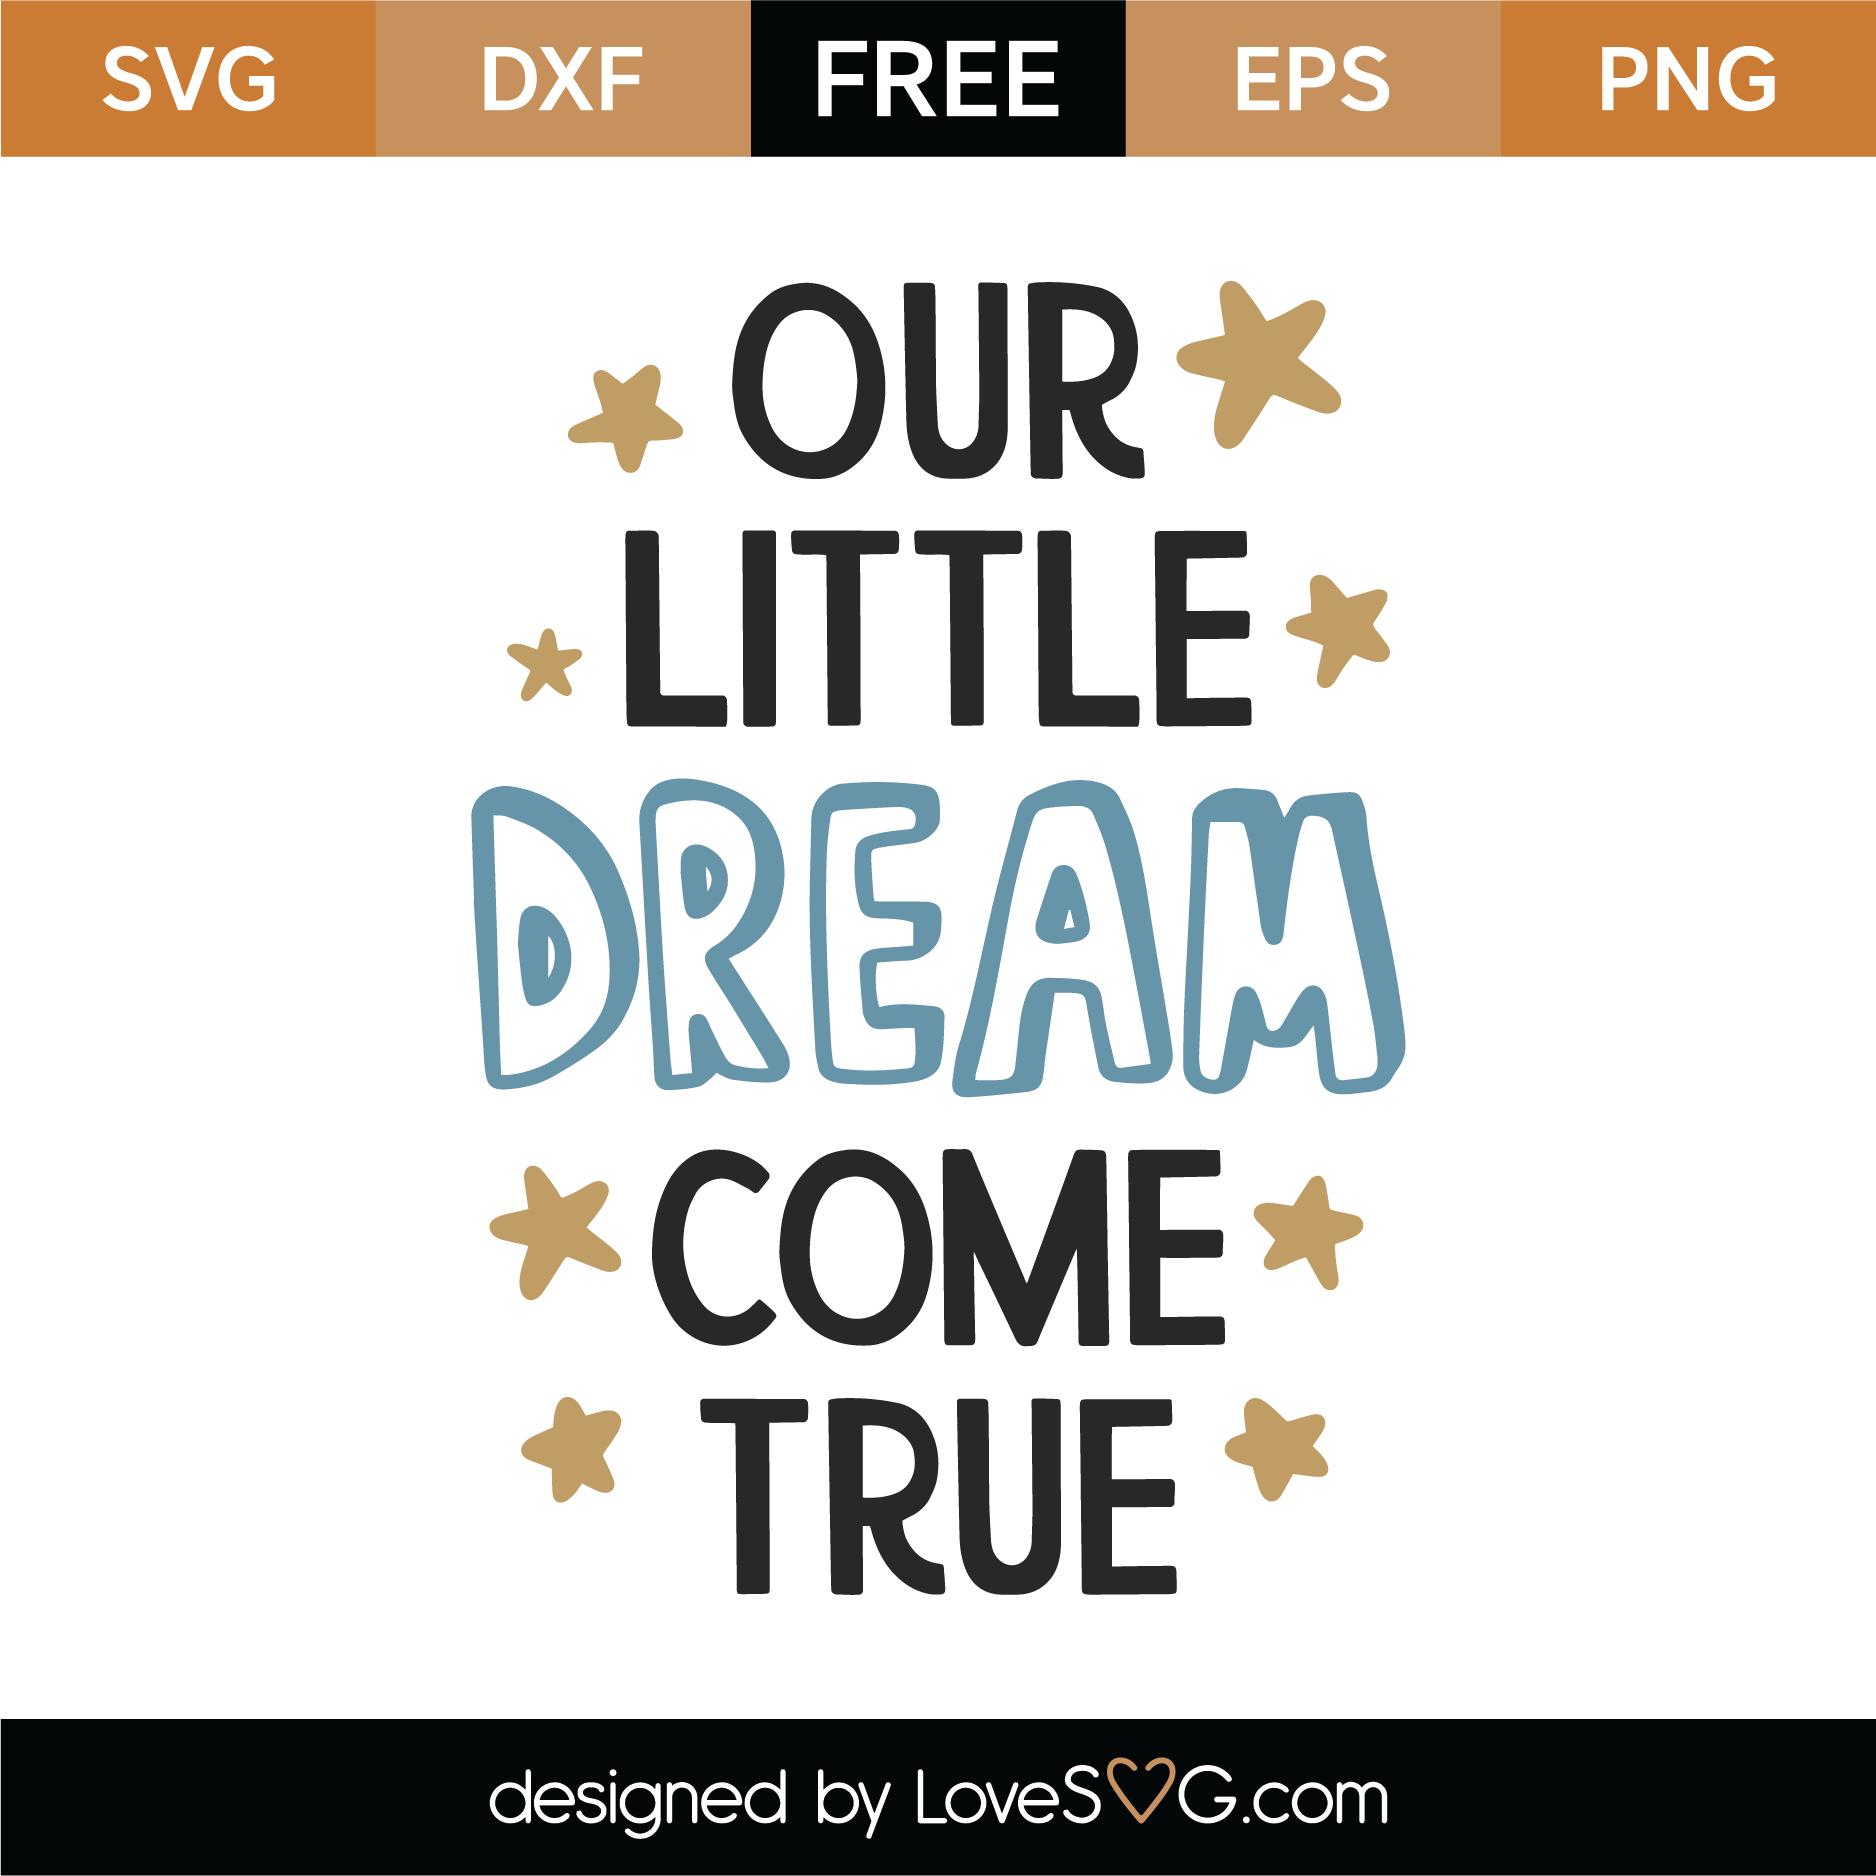 Free Our Little Dream Come True Svg Cut File Lovesvg Com